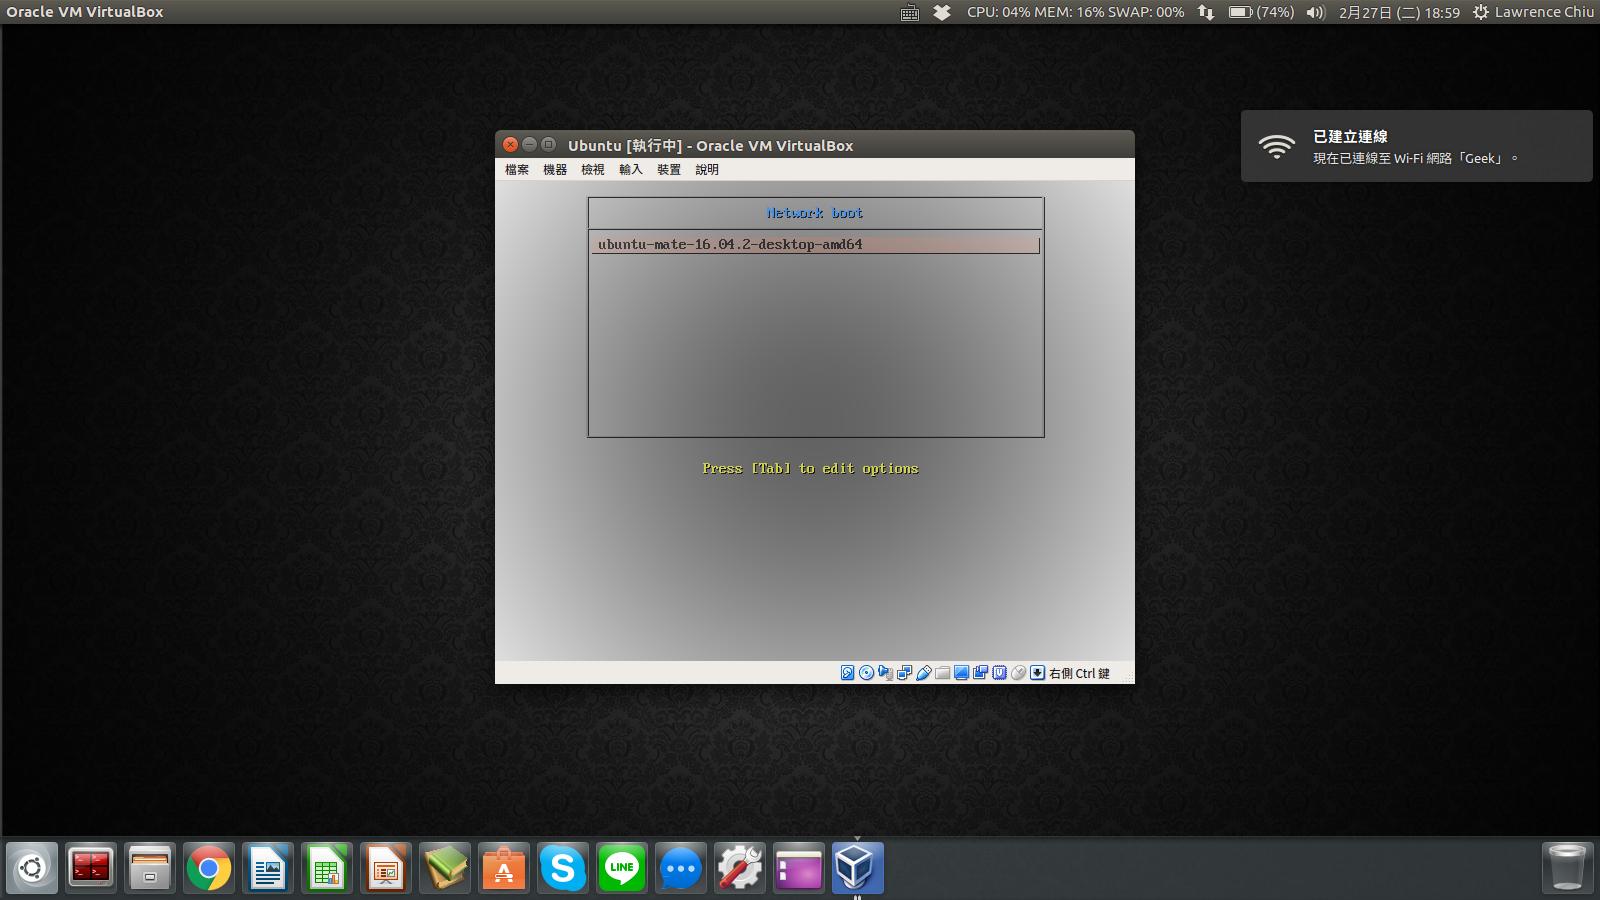 瘋狂帽客's Blog: 如何在Ubuntu 16 04 desktop 透過PXE安裝Ubuntu?